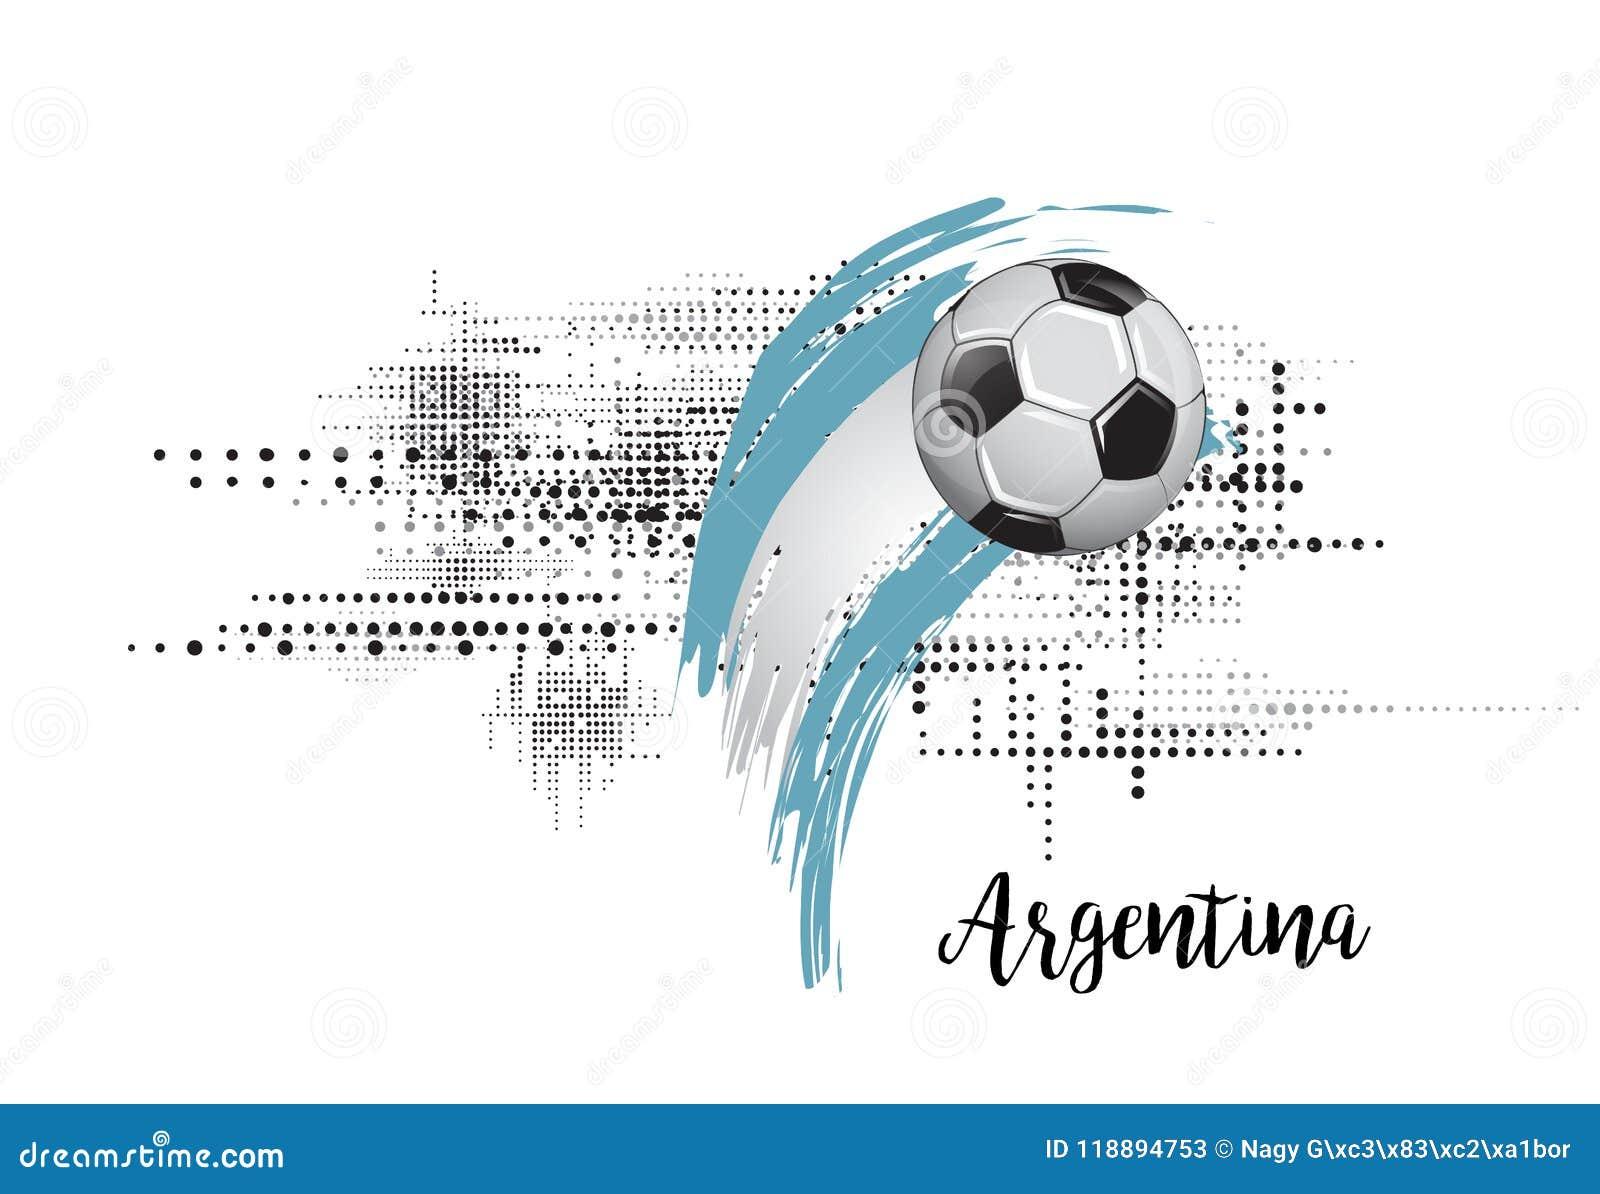 FLAGGA FÖR ARGENTINA FOTBOLLNATION FOTBOLLSLAGMALLILLUSTRATION MÅLAD KONST- OCH PRICKGRUNGEBAKGRUND